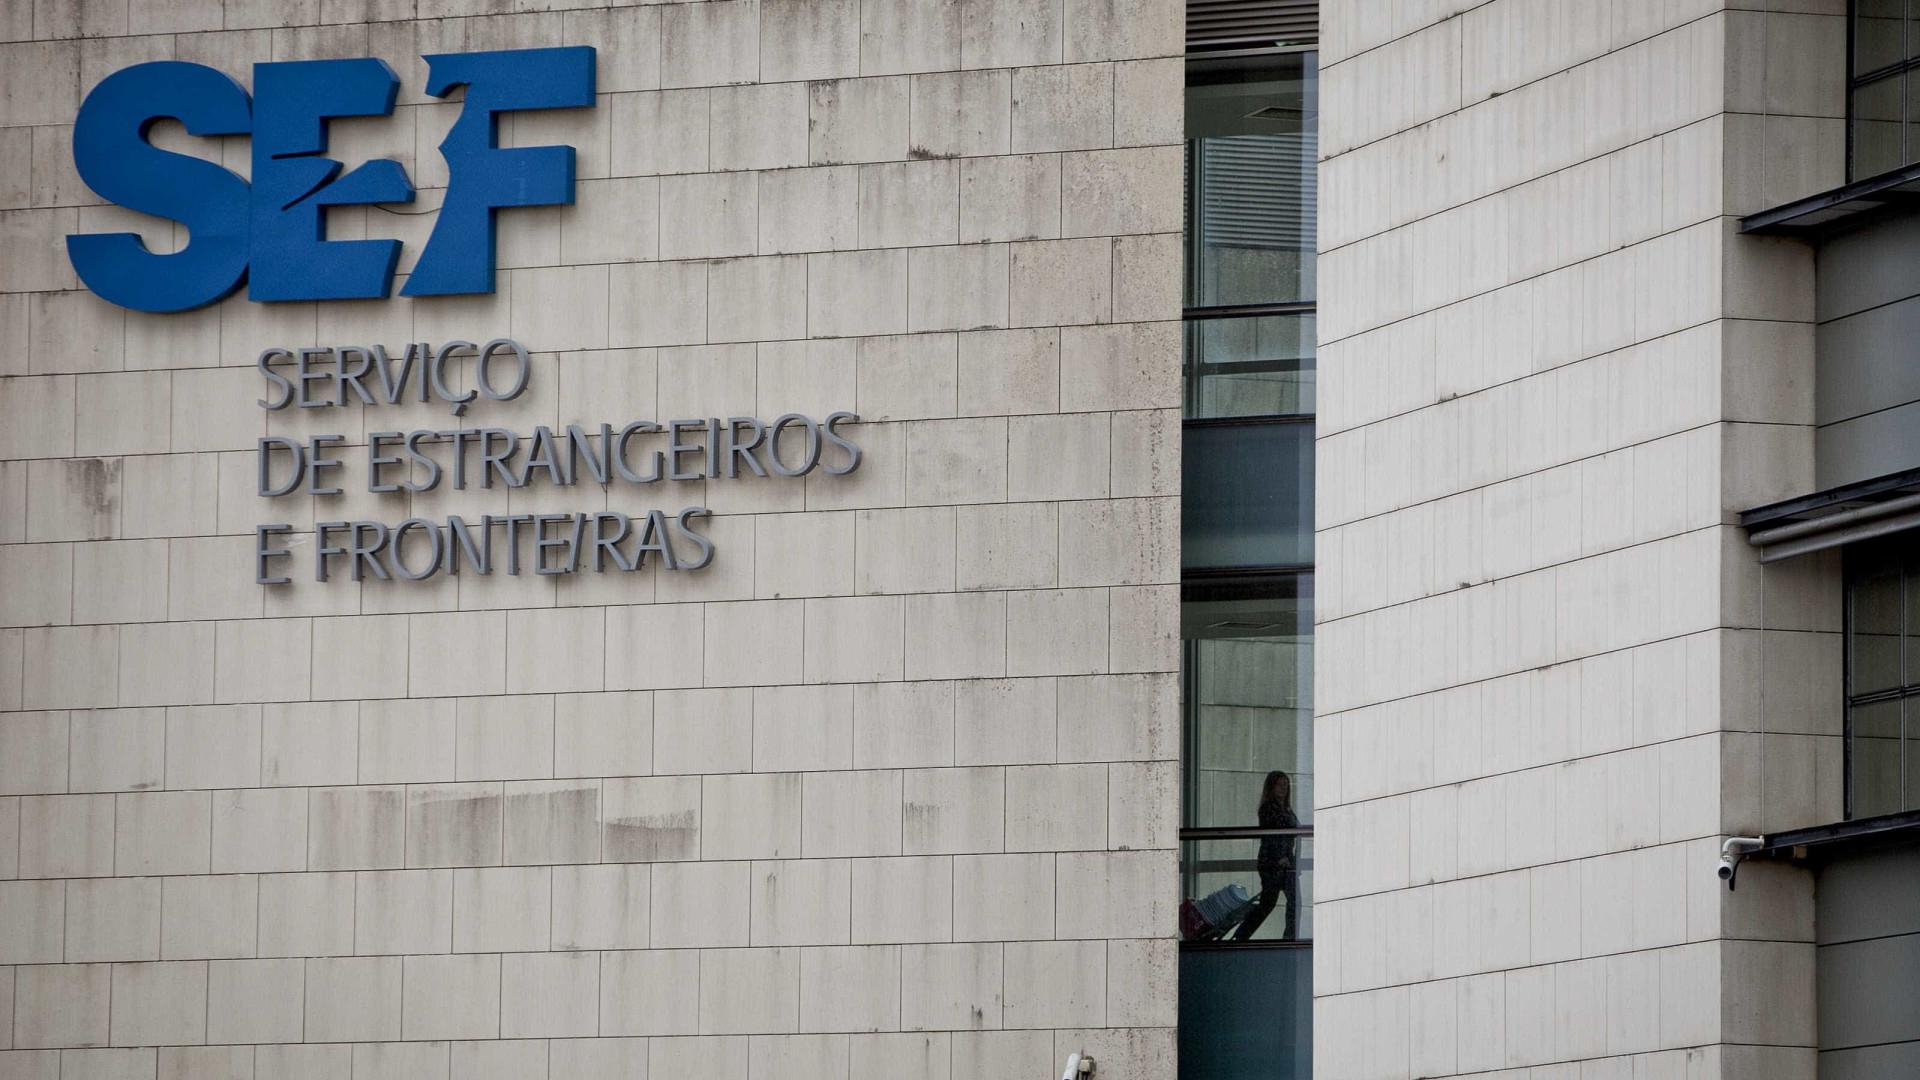 Desconvocada greve no Serviço de Estrangeiros e Fronteiras